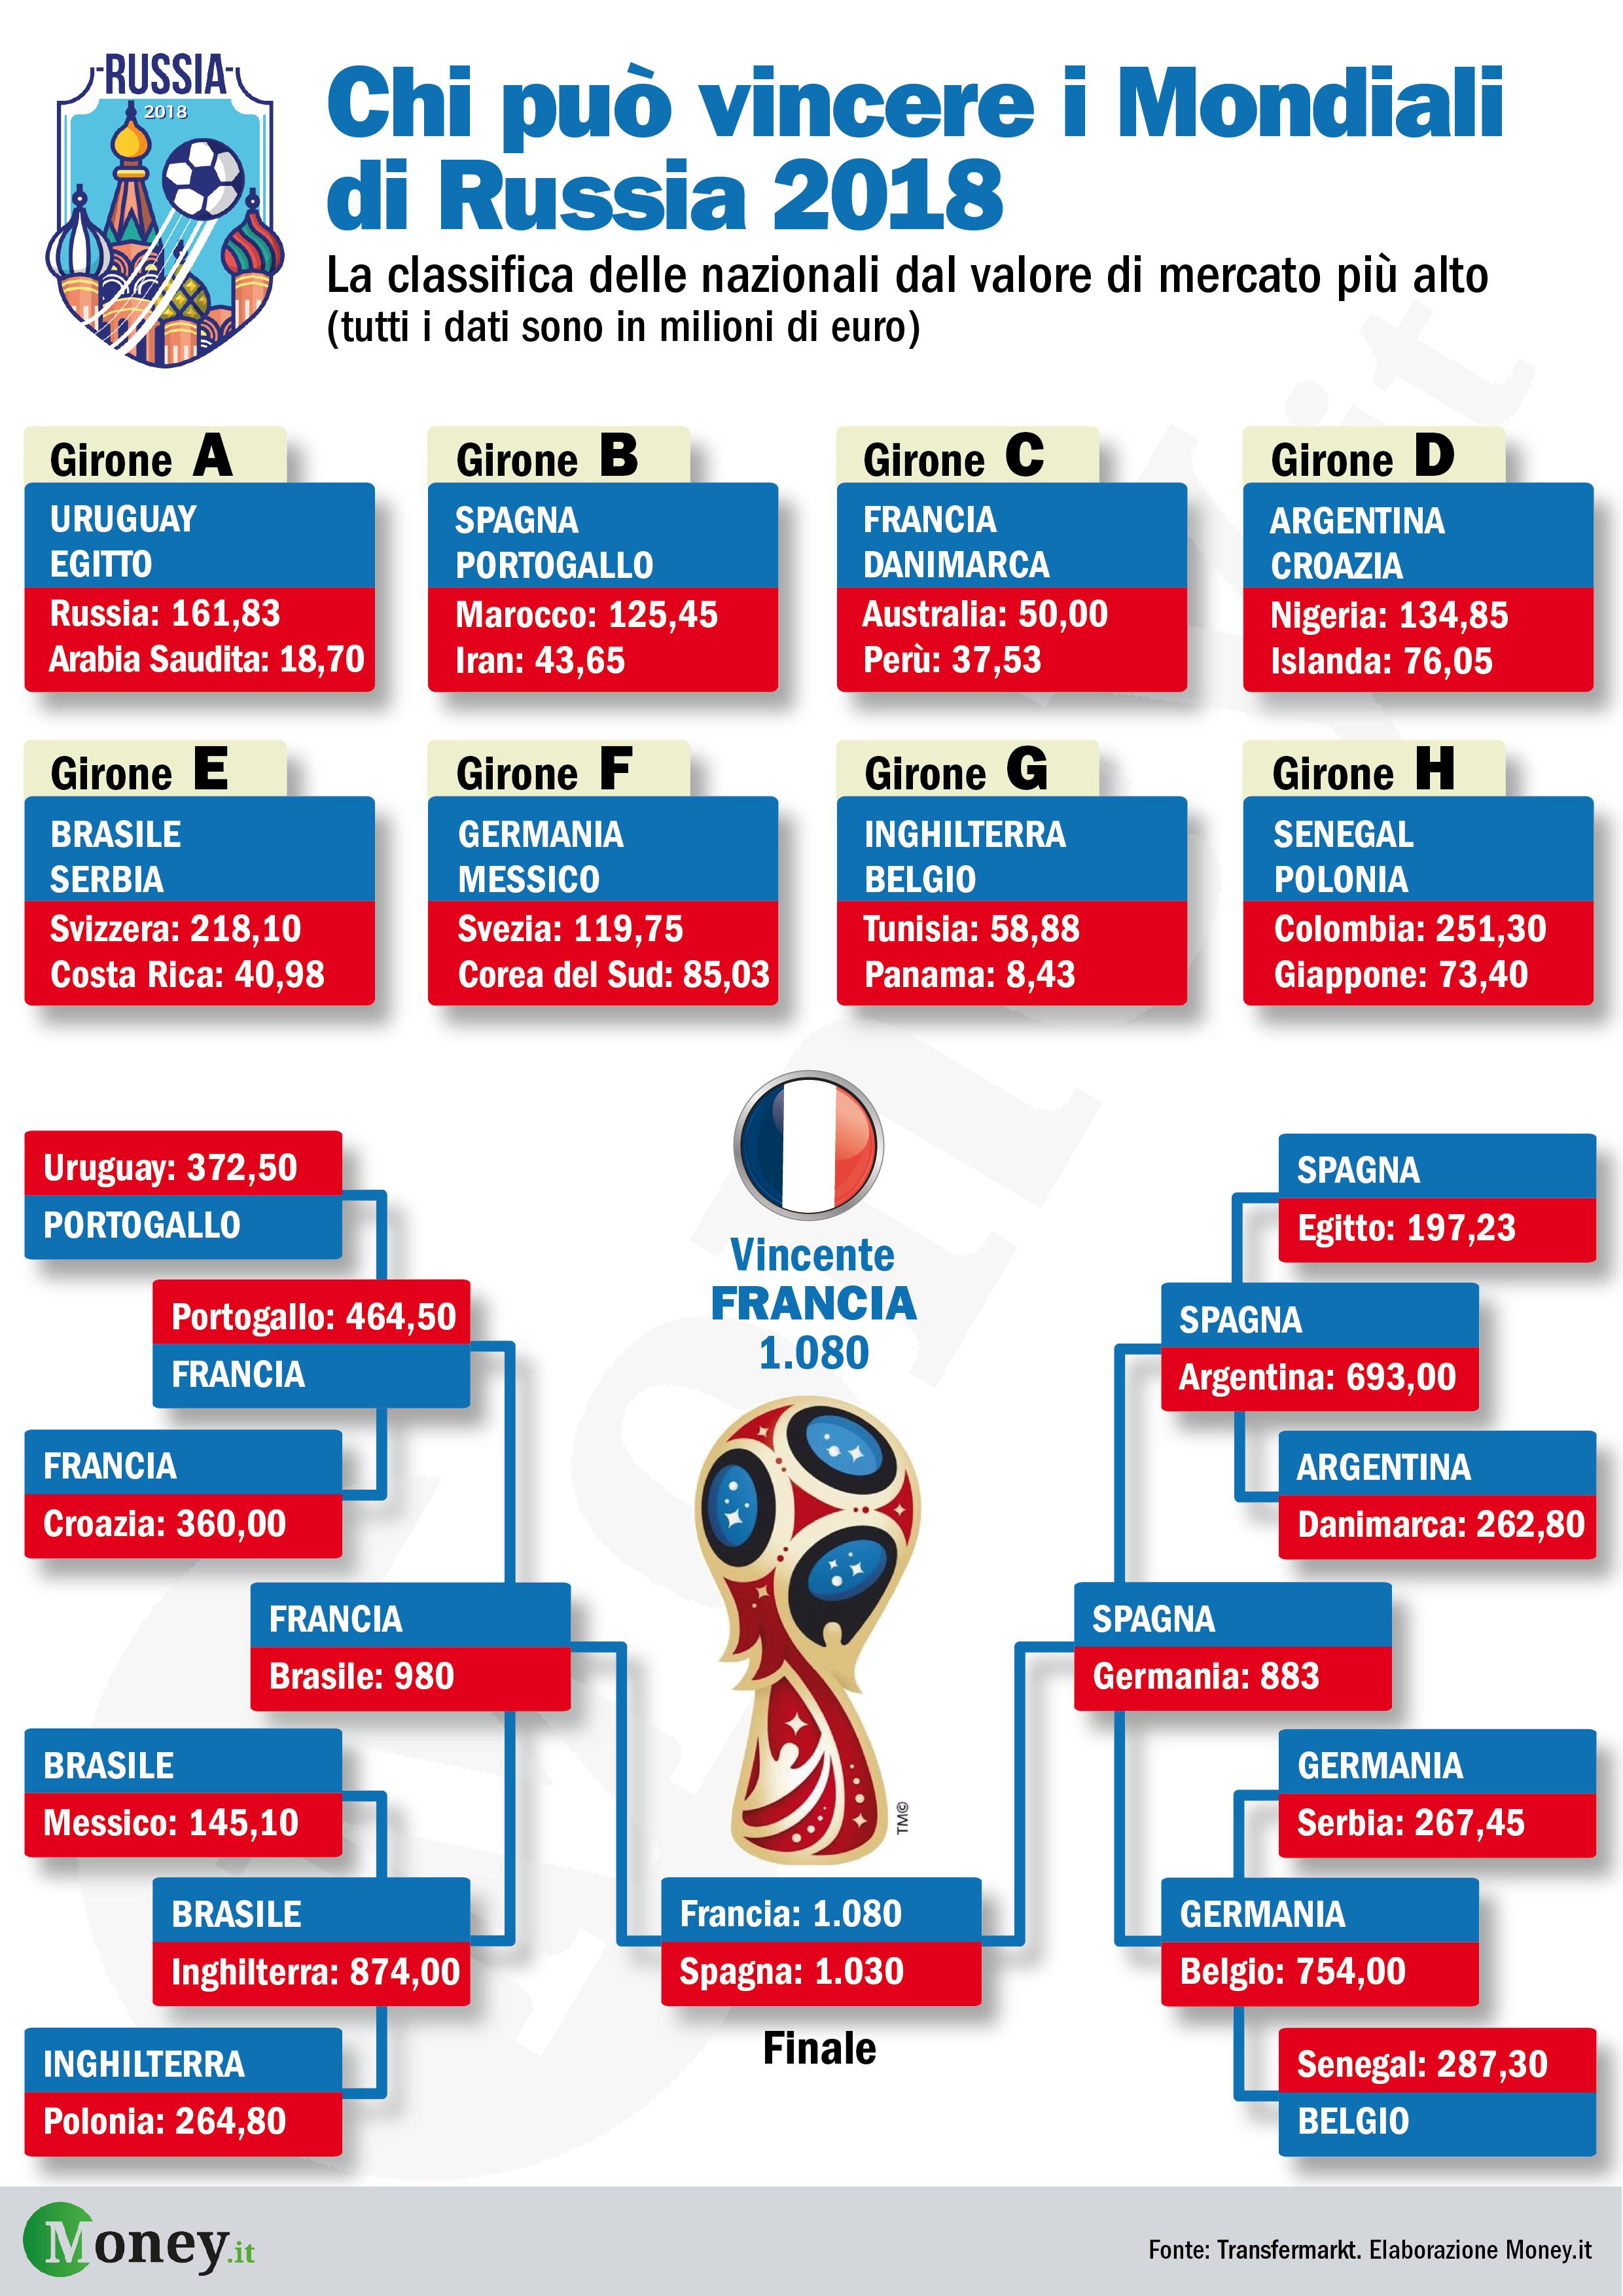 Calendario Partite Mondiali Russia 2020.Chi Potrebbe Vincere I Mondiali Di Russia 2018